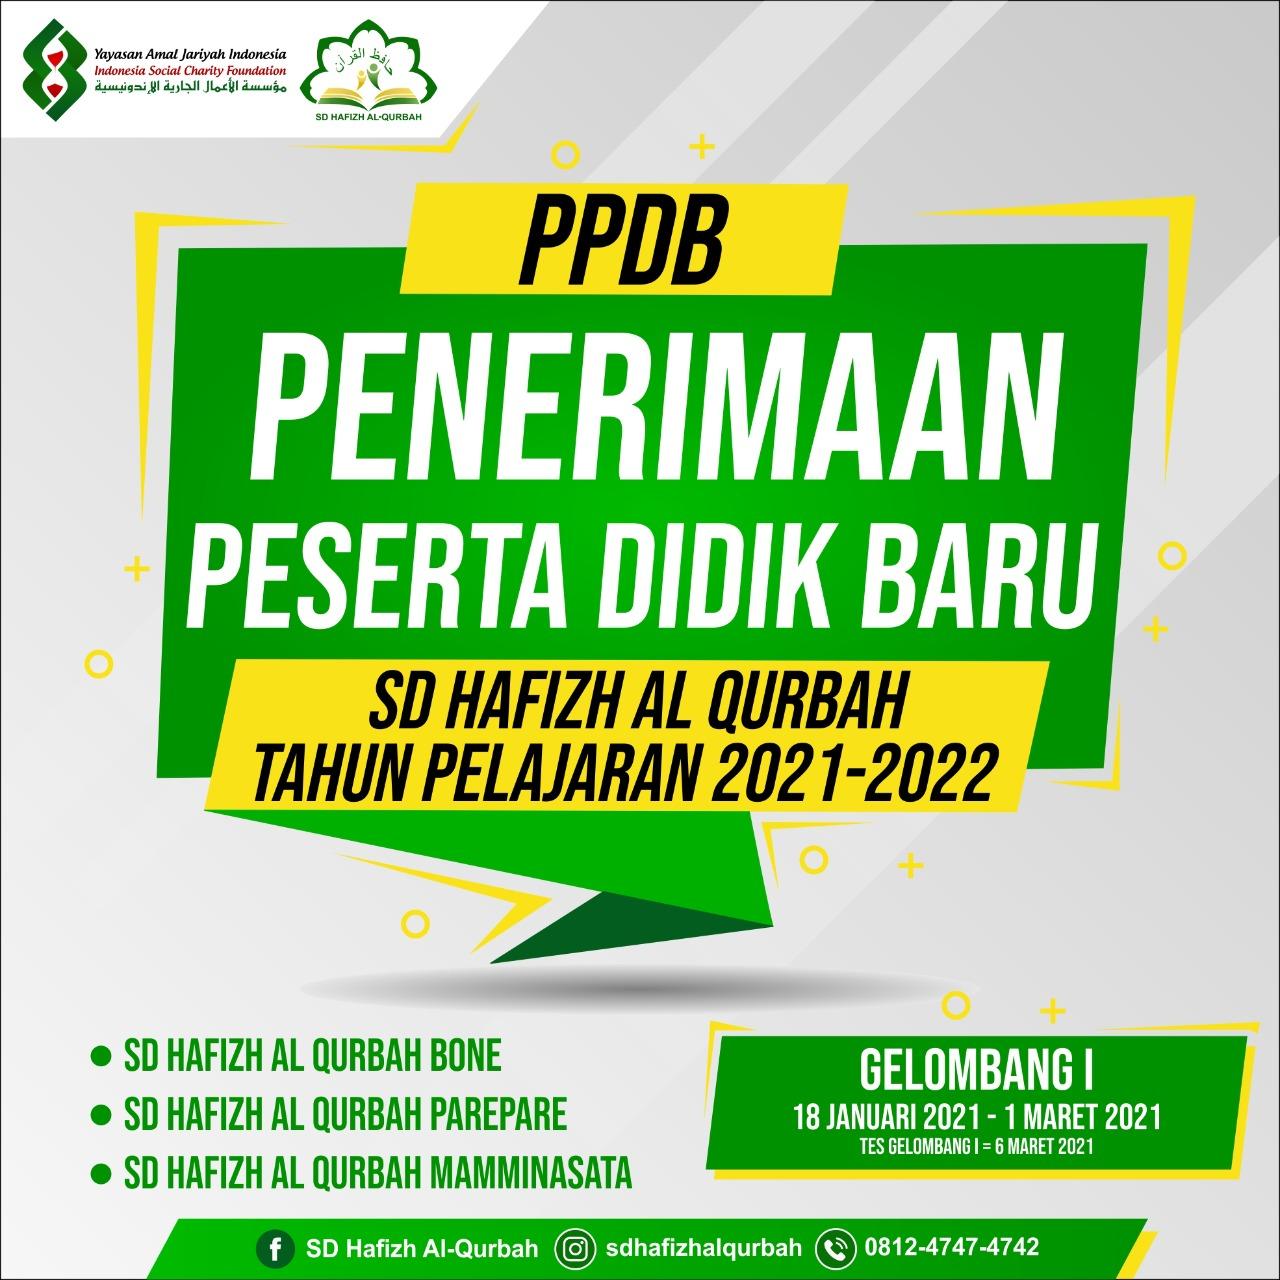 Penerimaan Peserta Didik Baru (PPDB) 2021-2022 SD Hafizh Al Qurbah